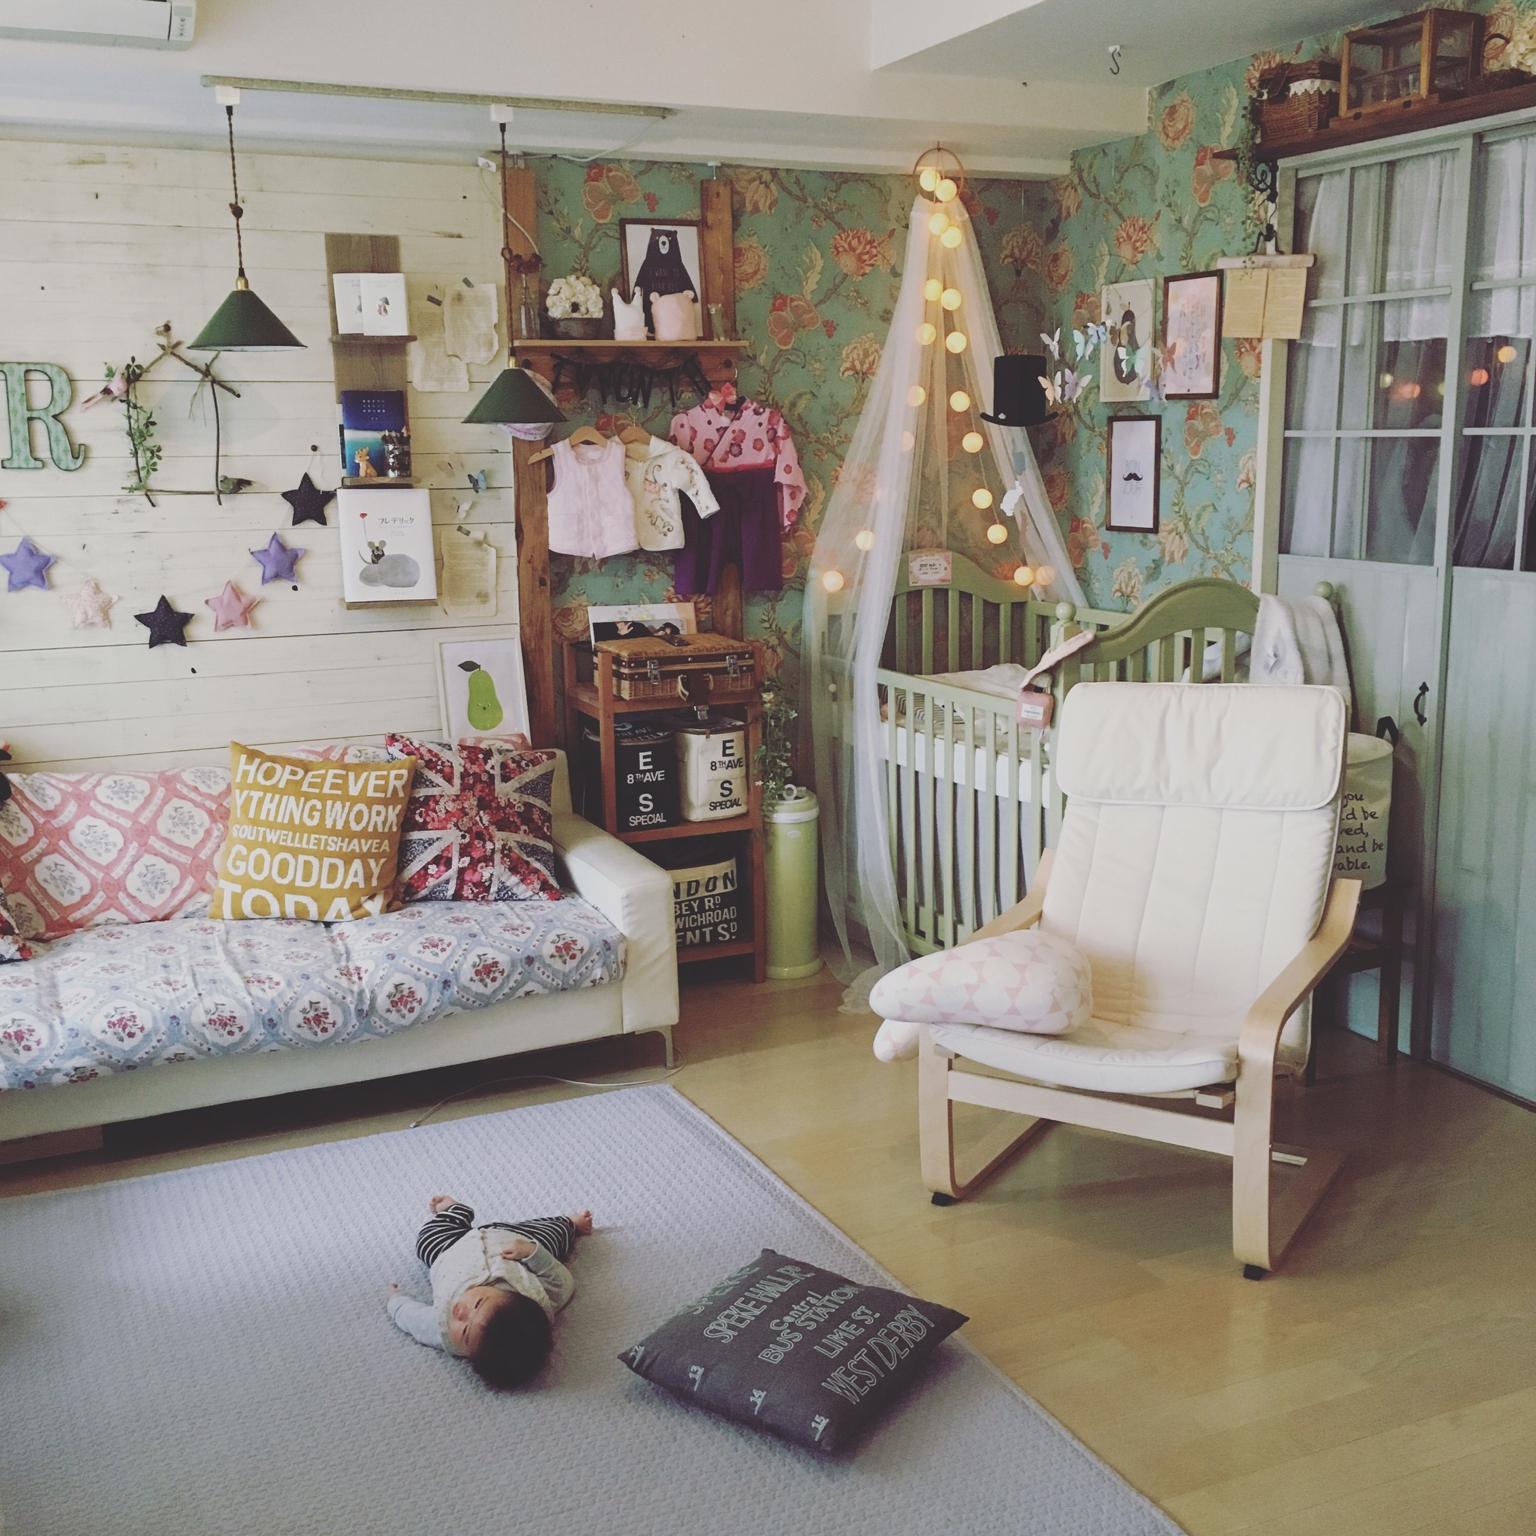 子どもに優しい!安全なお部屋づくり12のコツ | RoomClip mag | 暮らしとインテリアのwebマガジン